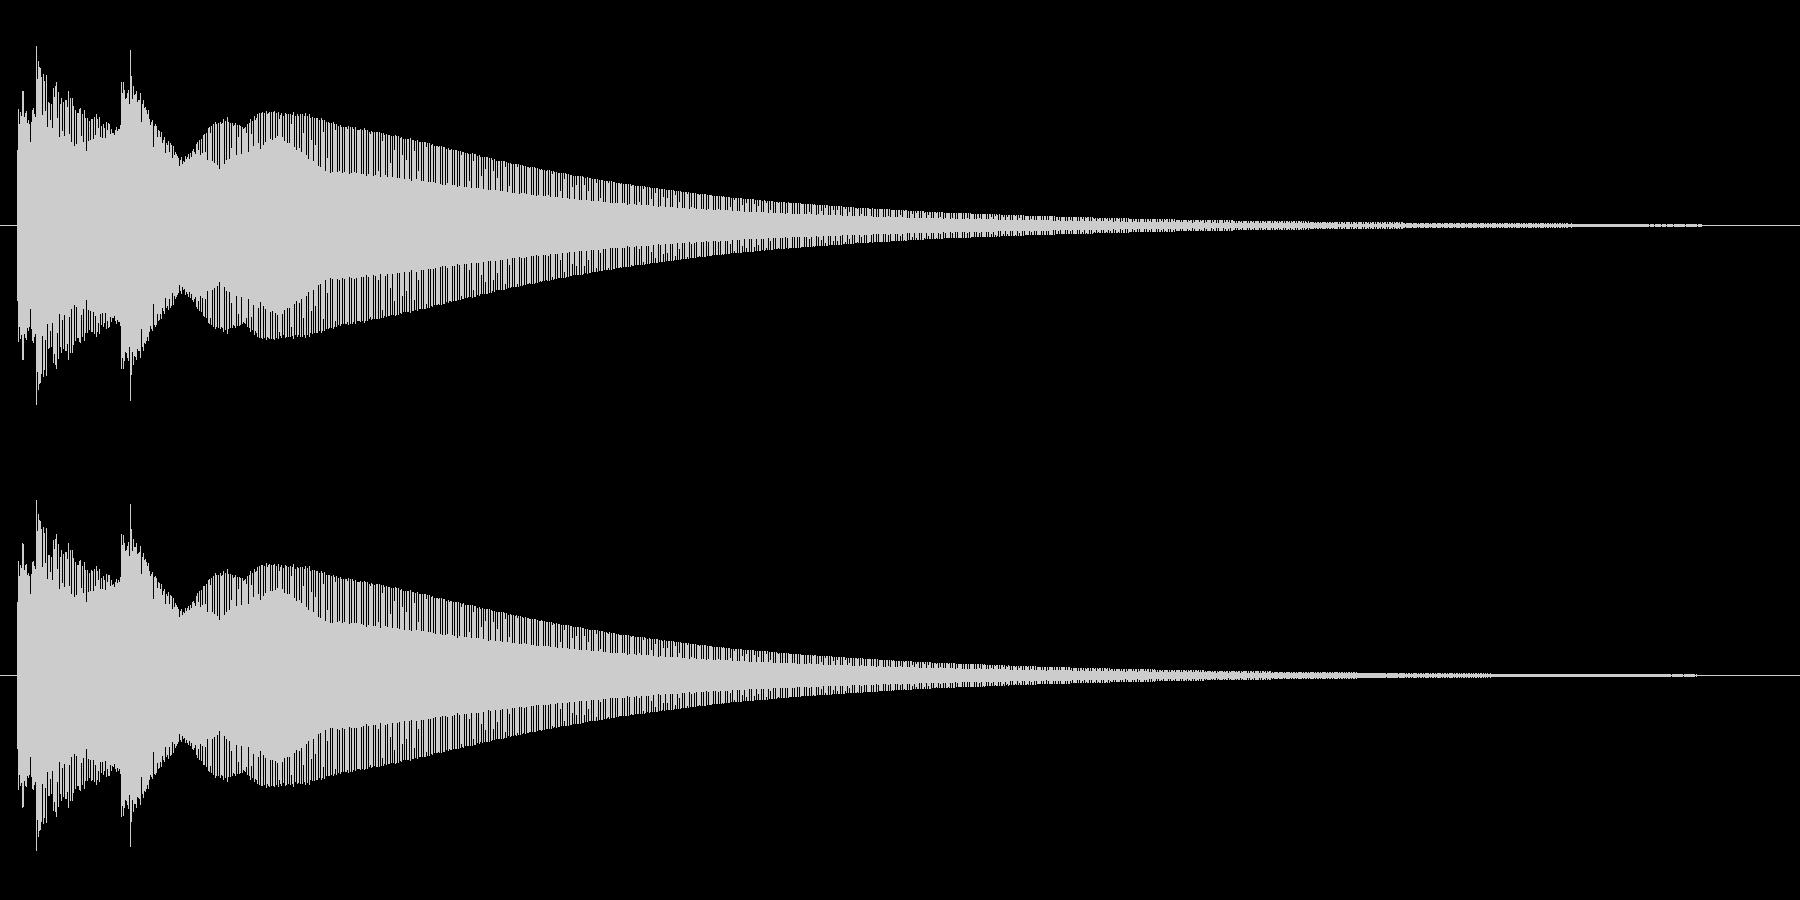 キラーン(綺麗で高音、鐘が鳴るような音)の未再生の波形